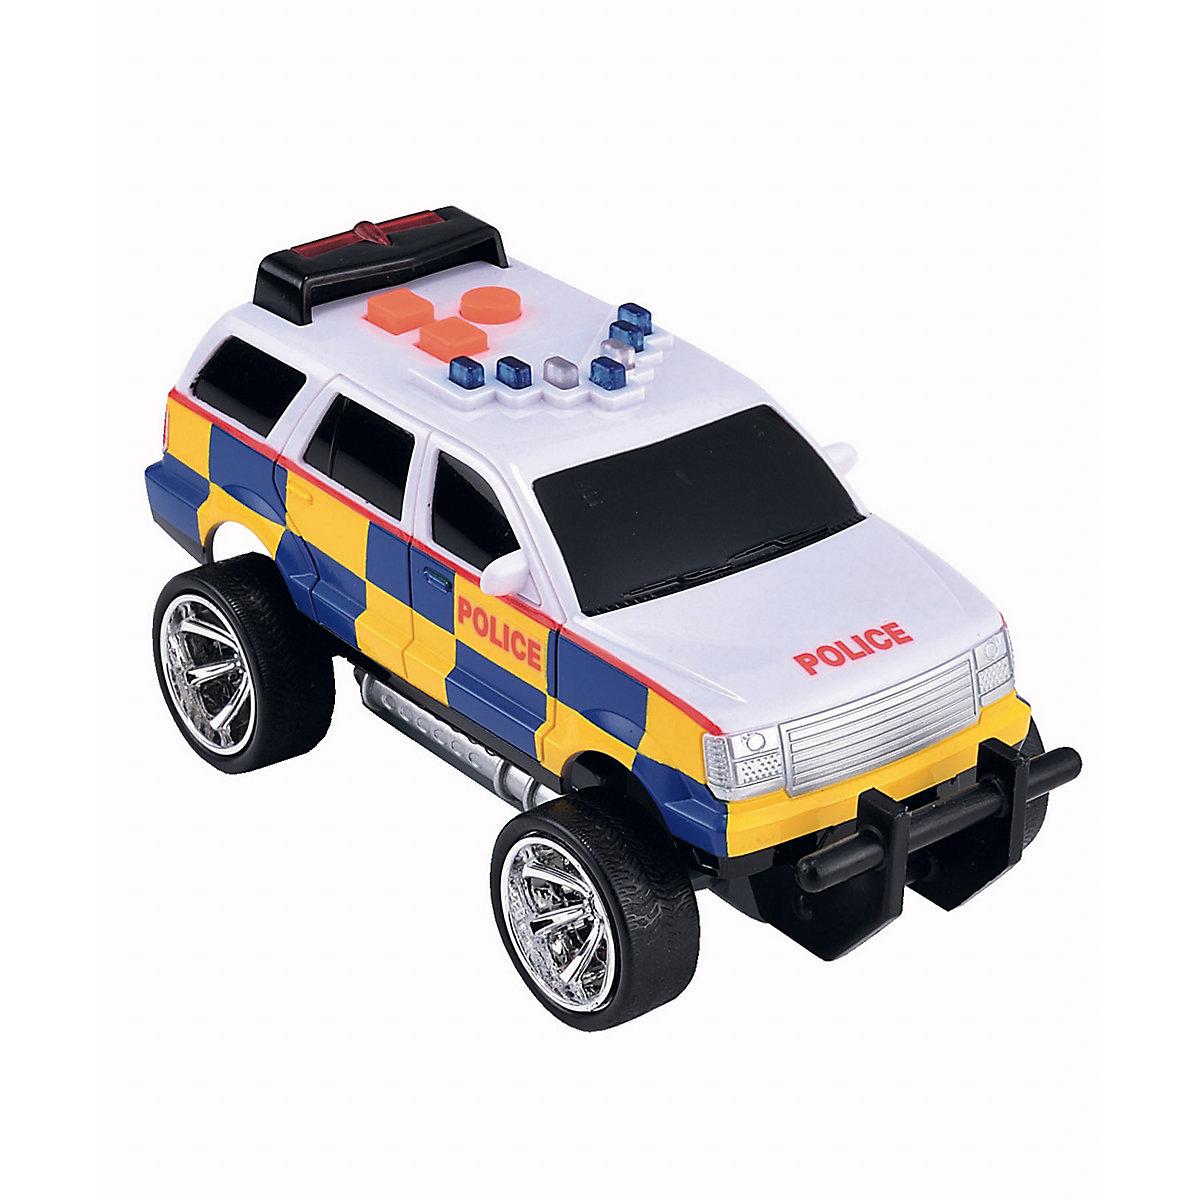 Big Boy Toys Police : New elc boy big city mini police car toy from